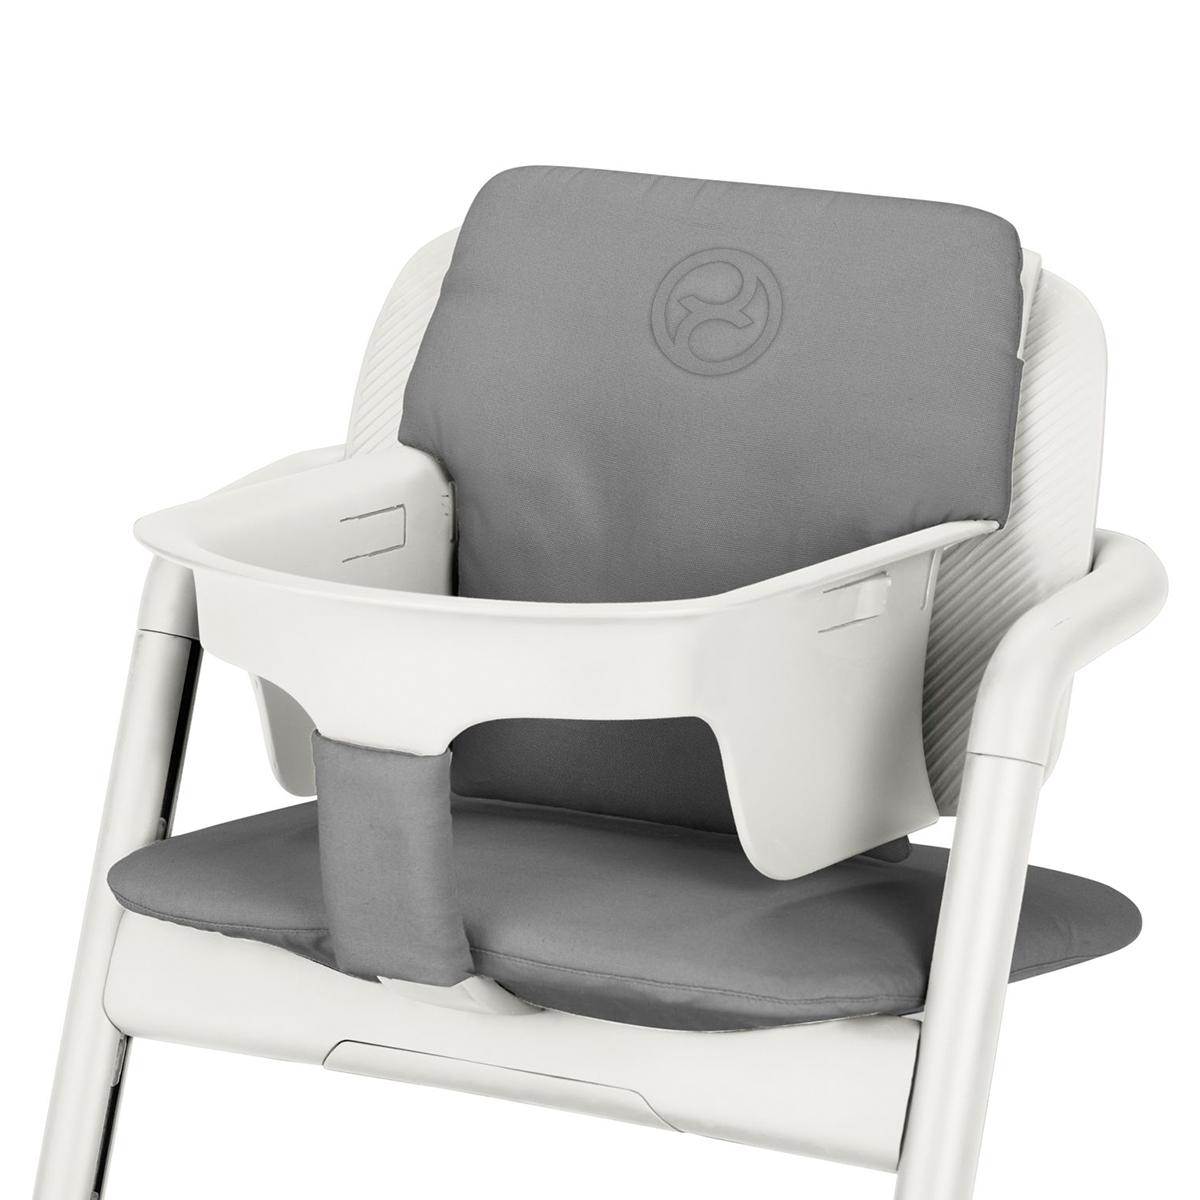 Chaise haute Coussin Réducteur Lemo - Storm Grey Coussin Réducteur Lemo - Storm Grey